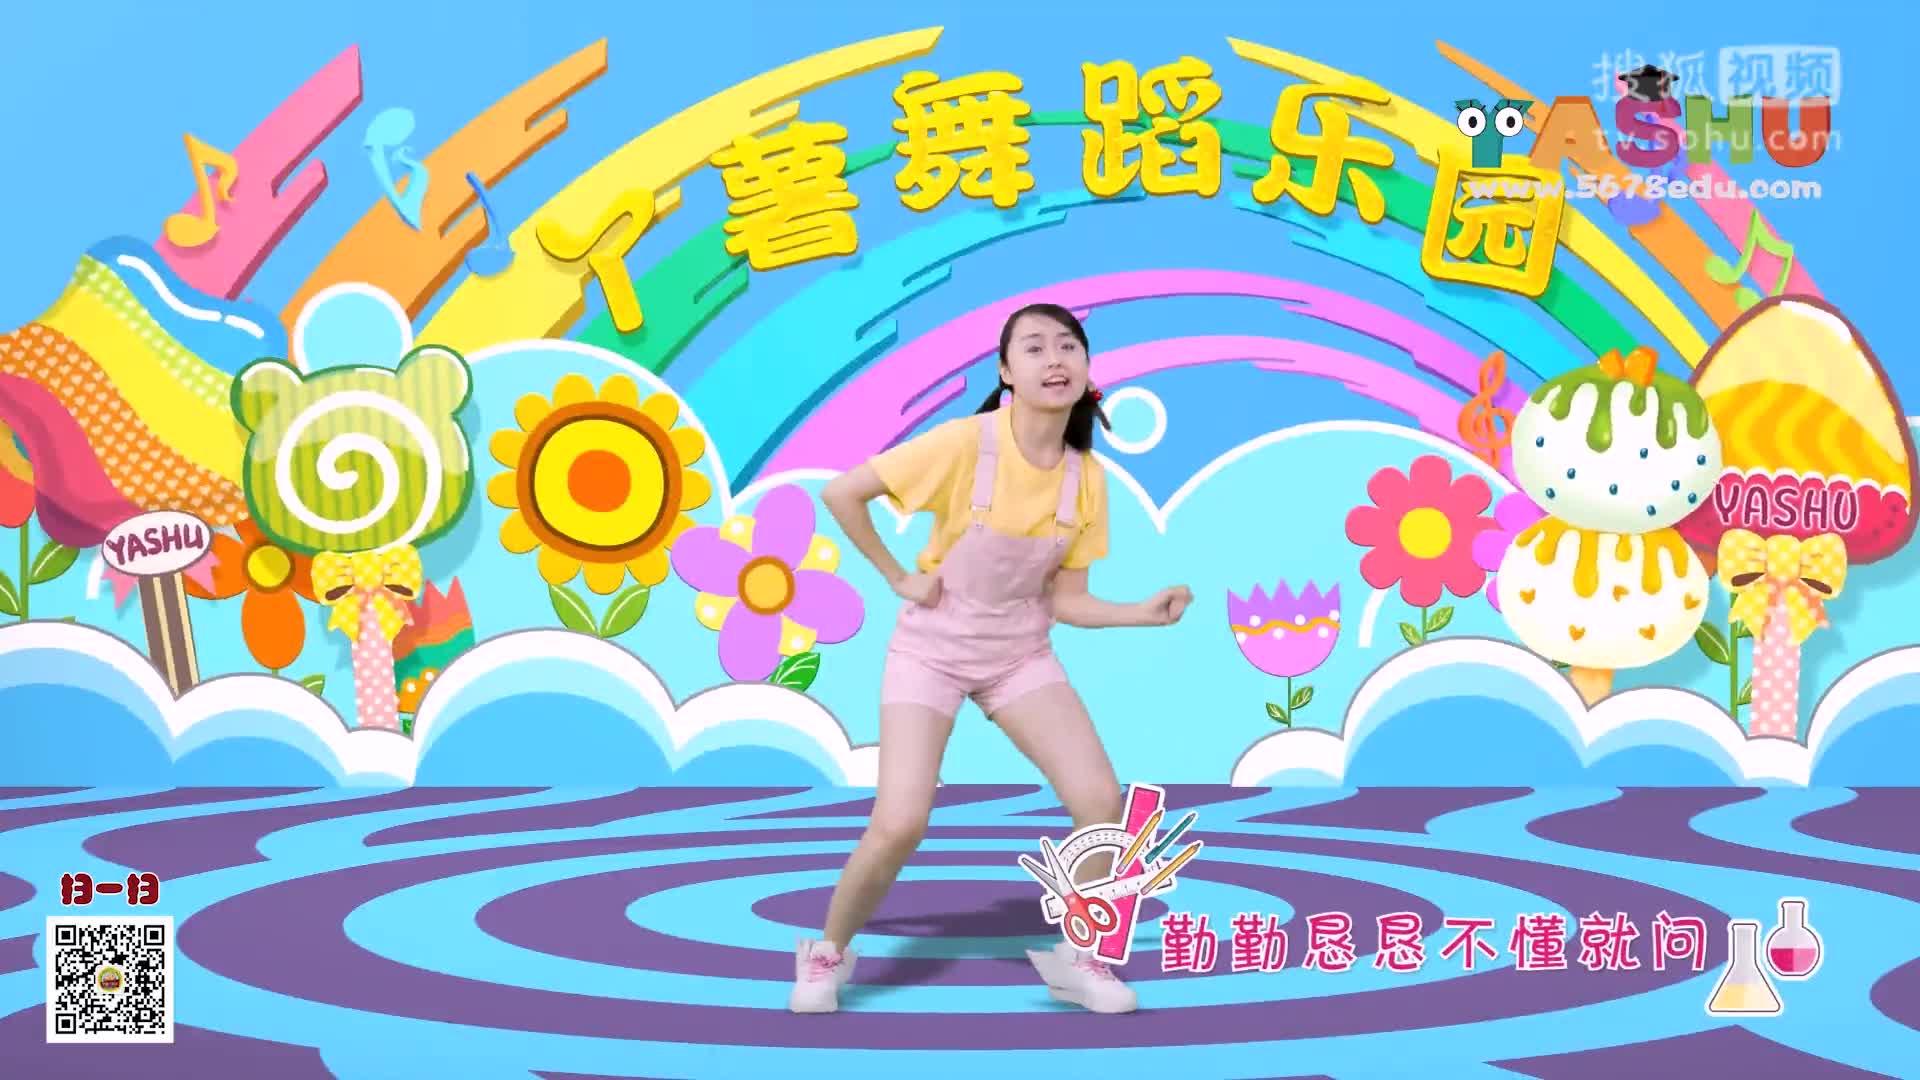 《上课啦》幼儿舞蹈少儿歌曲幼儿园律动六一儿童节